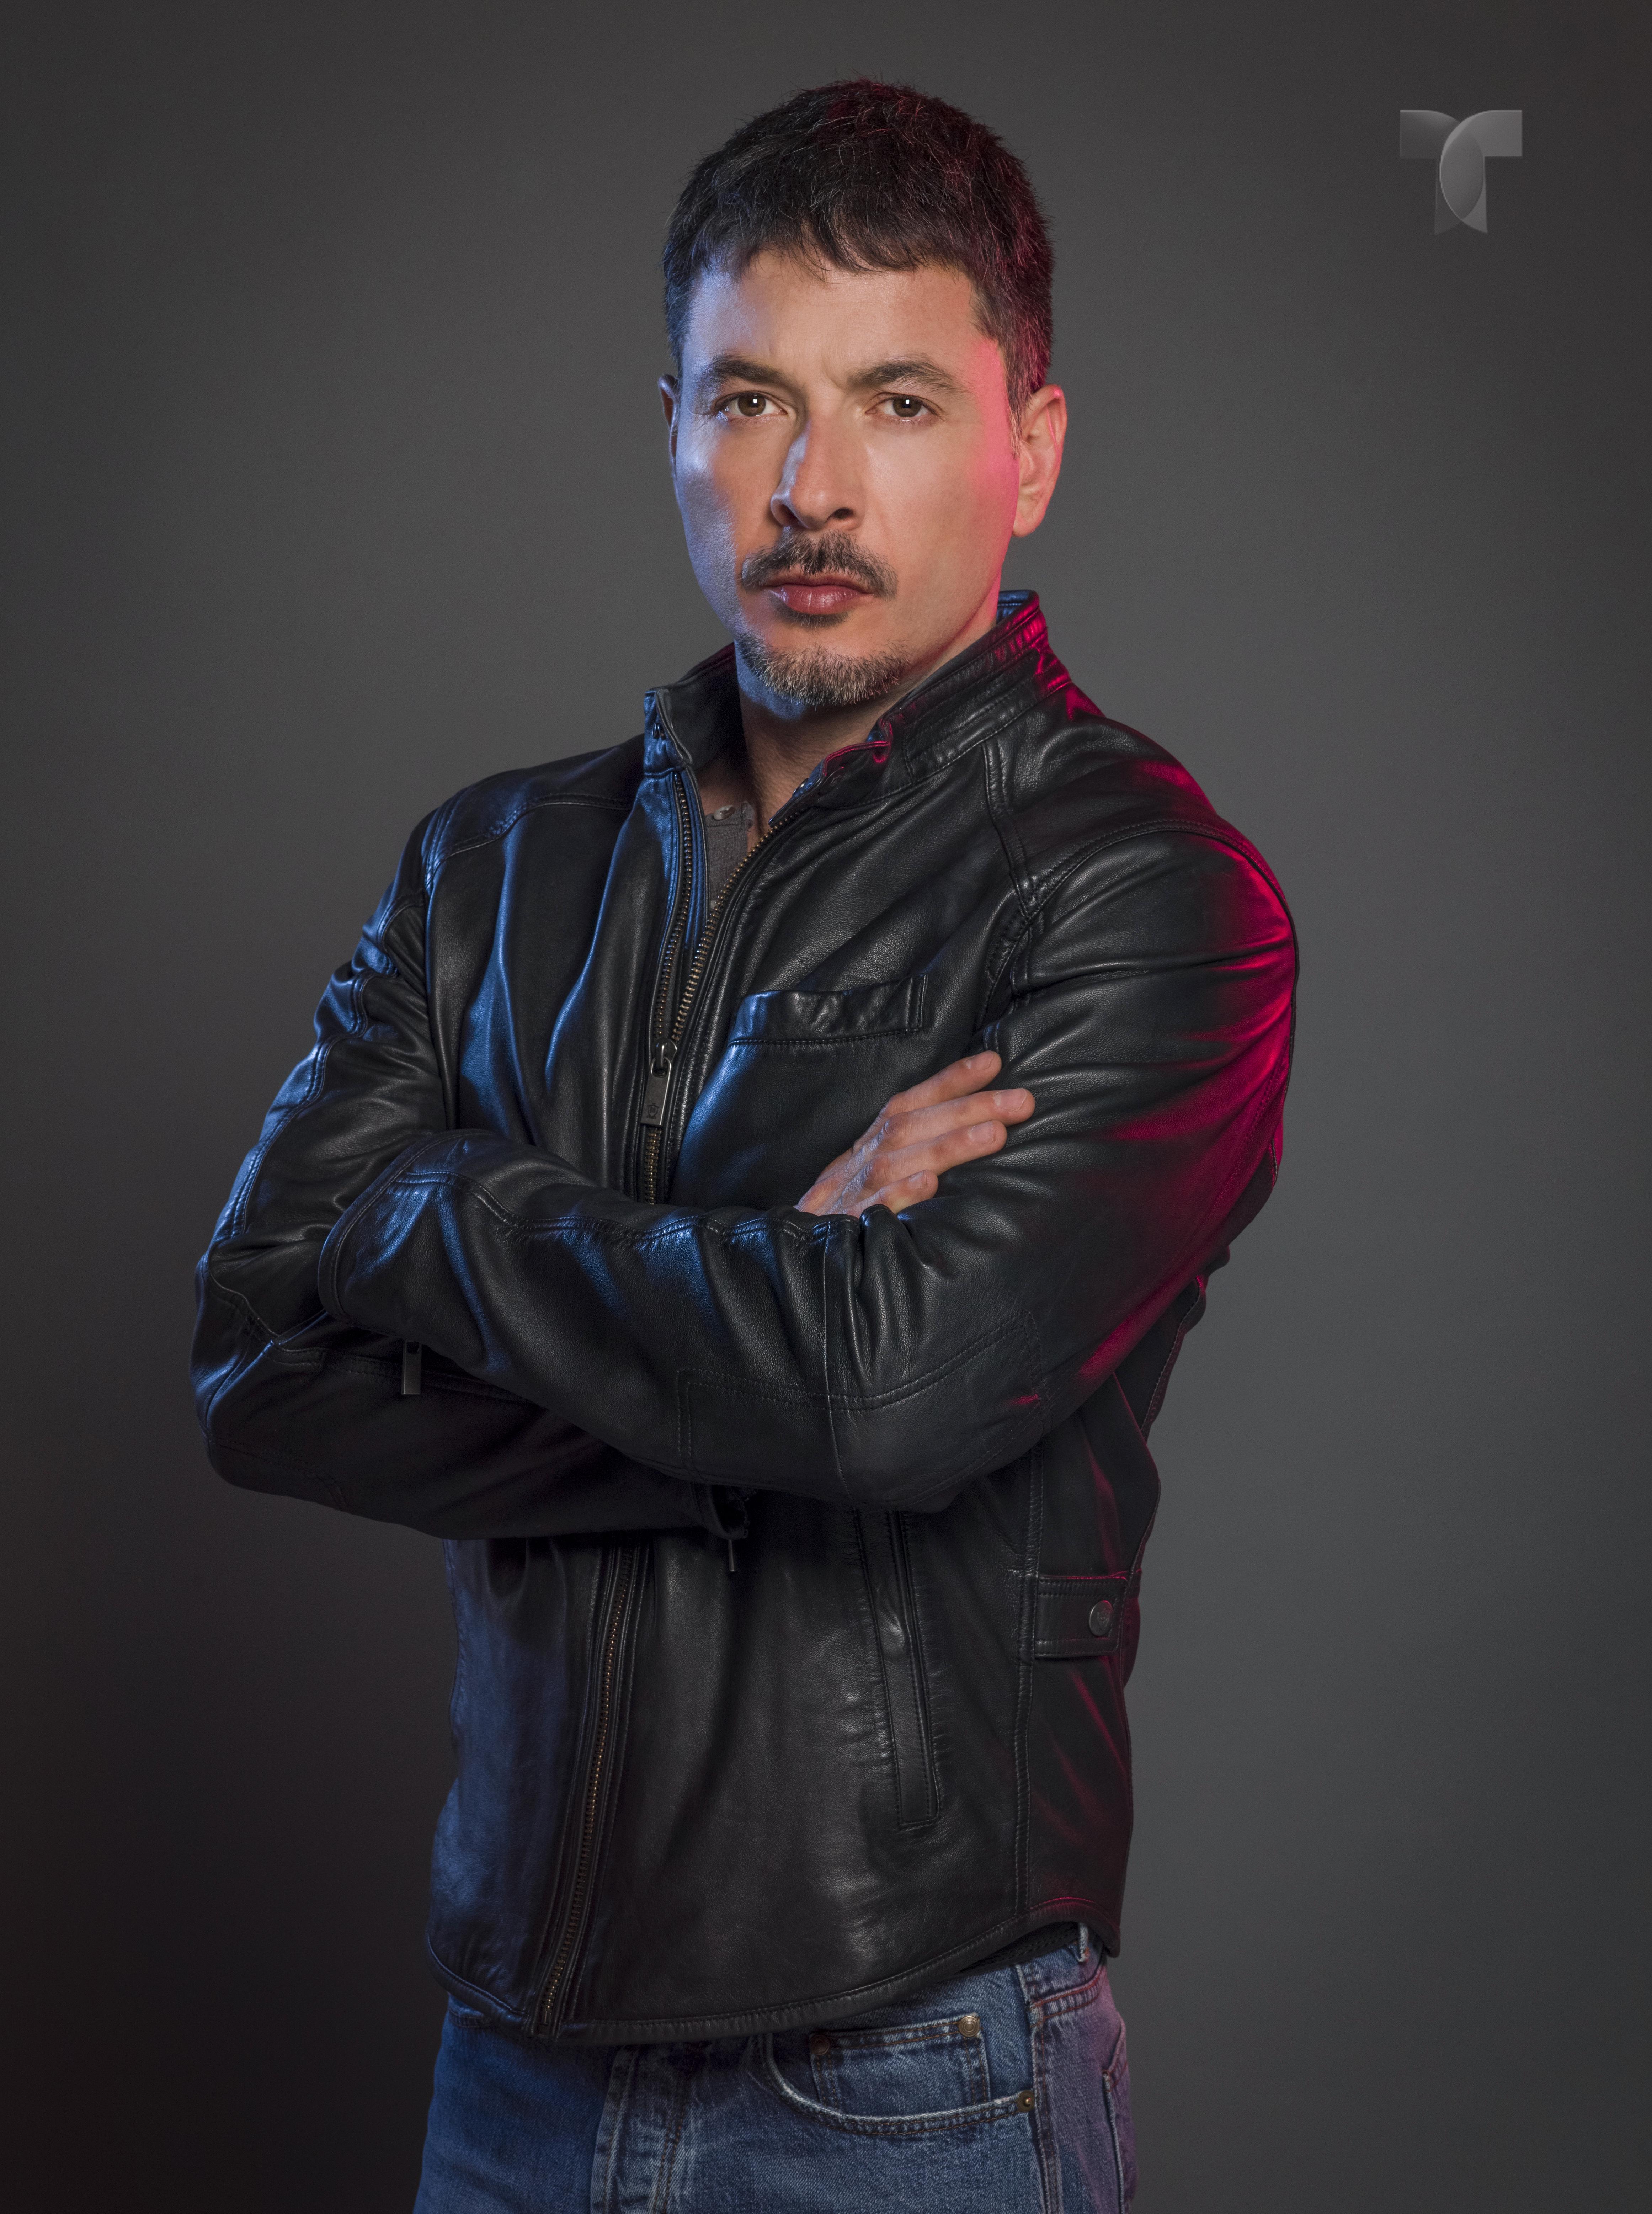 Raúl Méndez como Alejandro Ferrer_001 copy